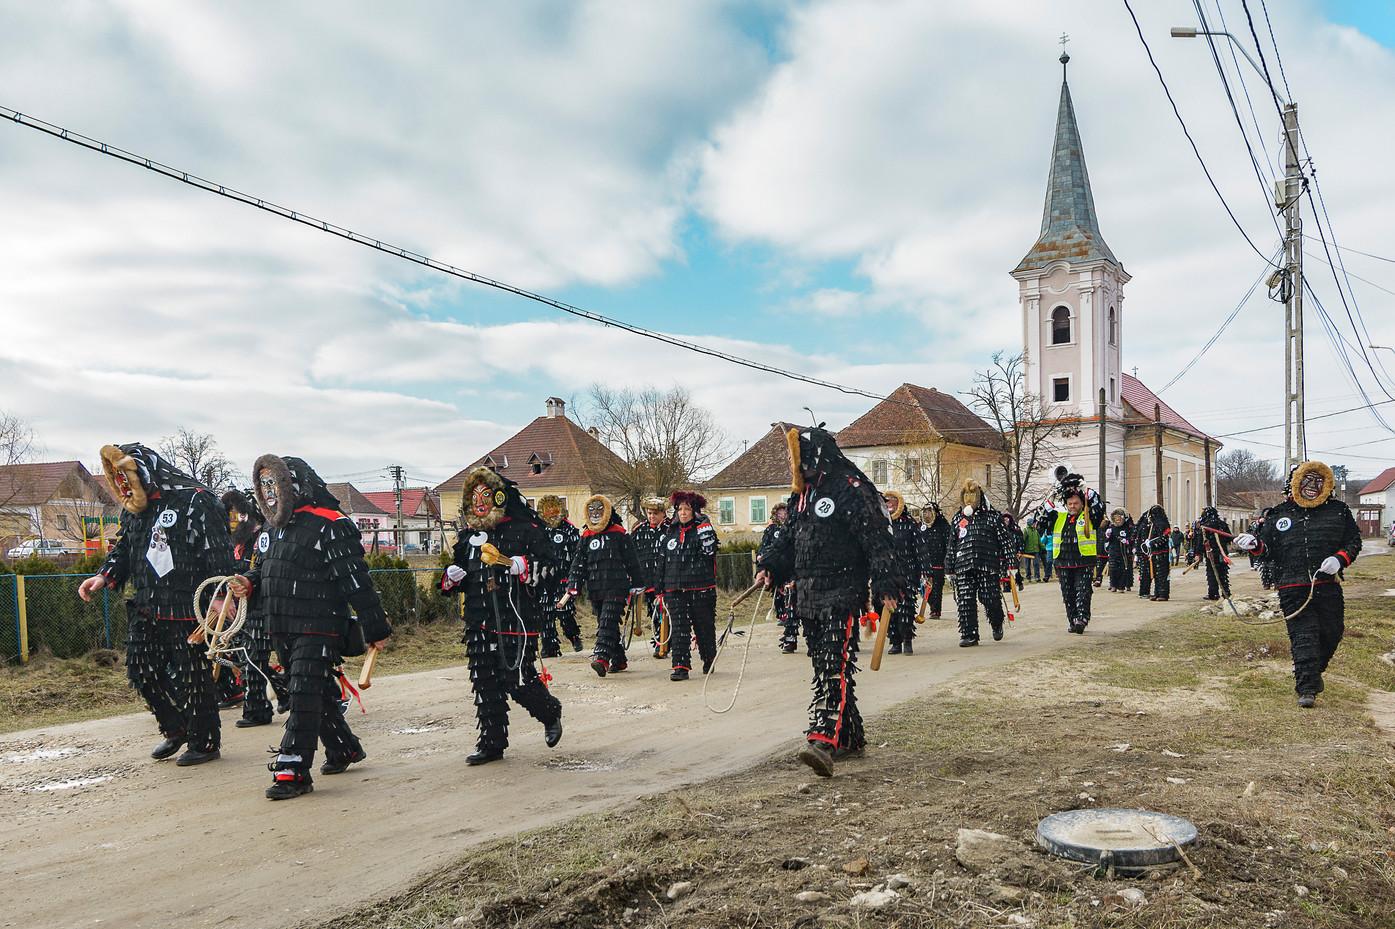 Cincu / Gross-Schenk Brașov county / Brassó megye / Județul Brașov Romania / Románia / România 2019